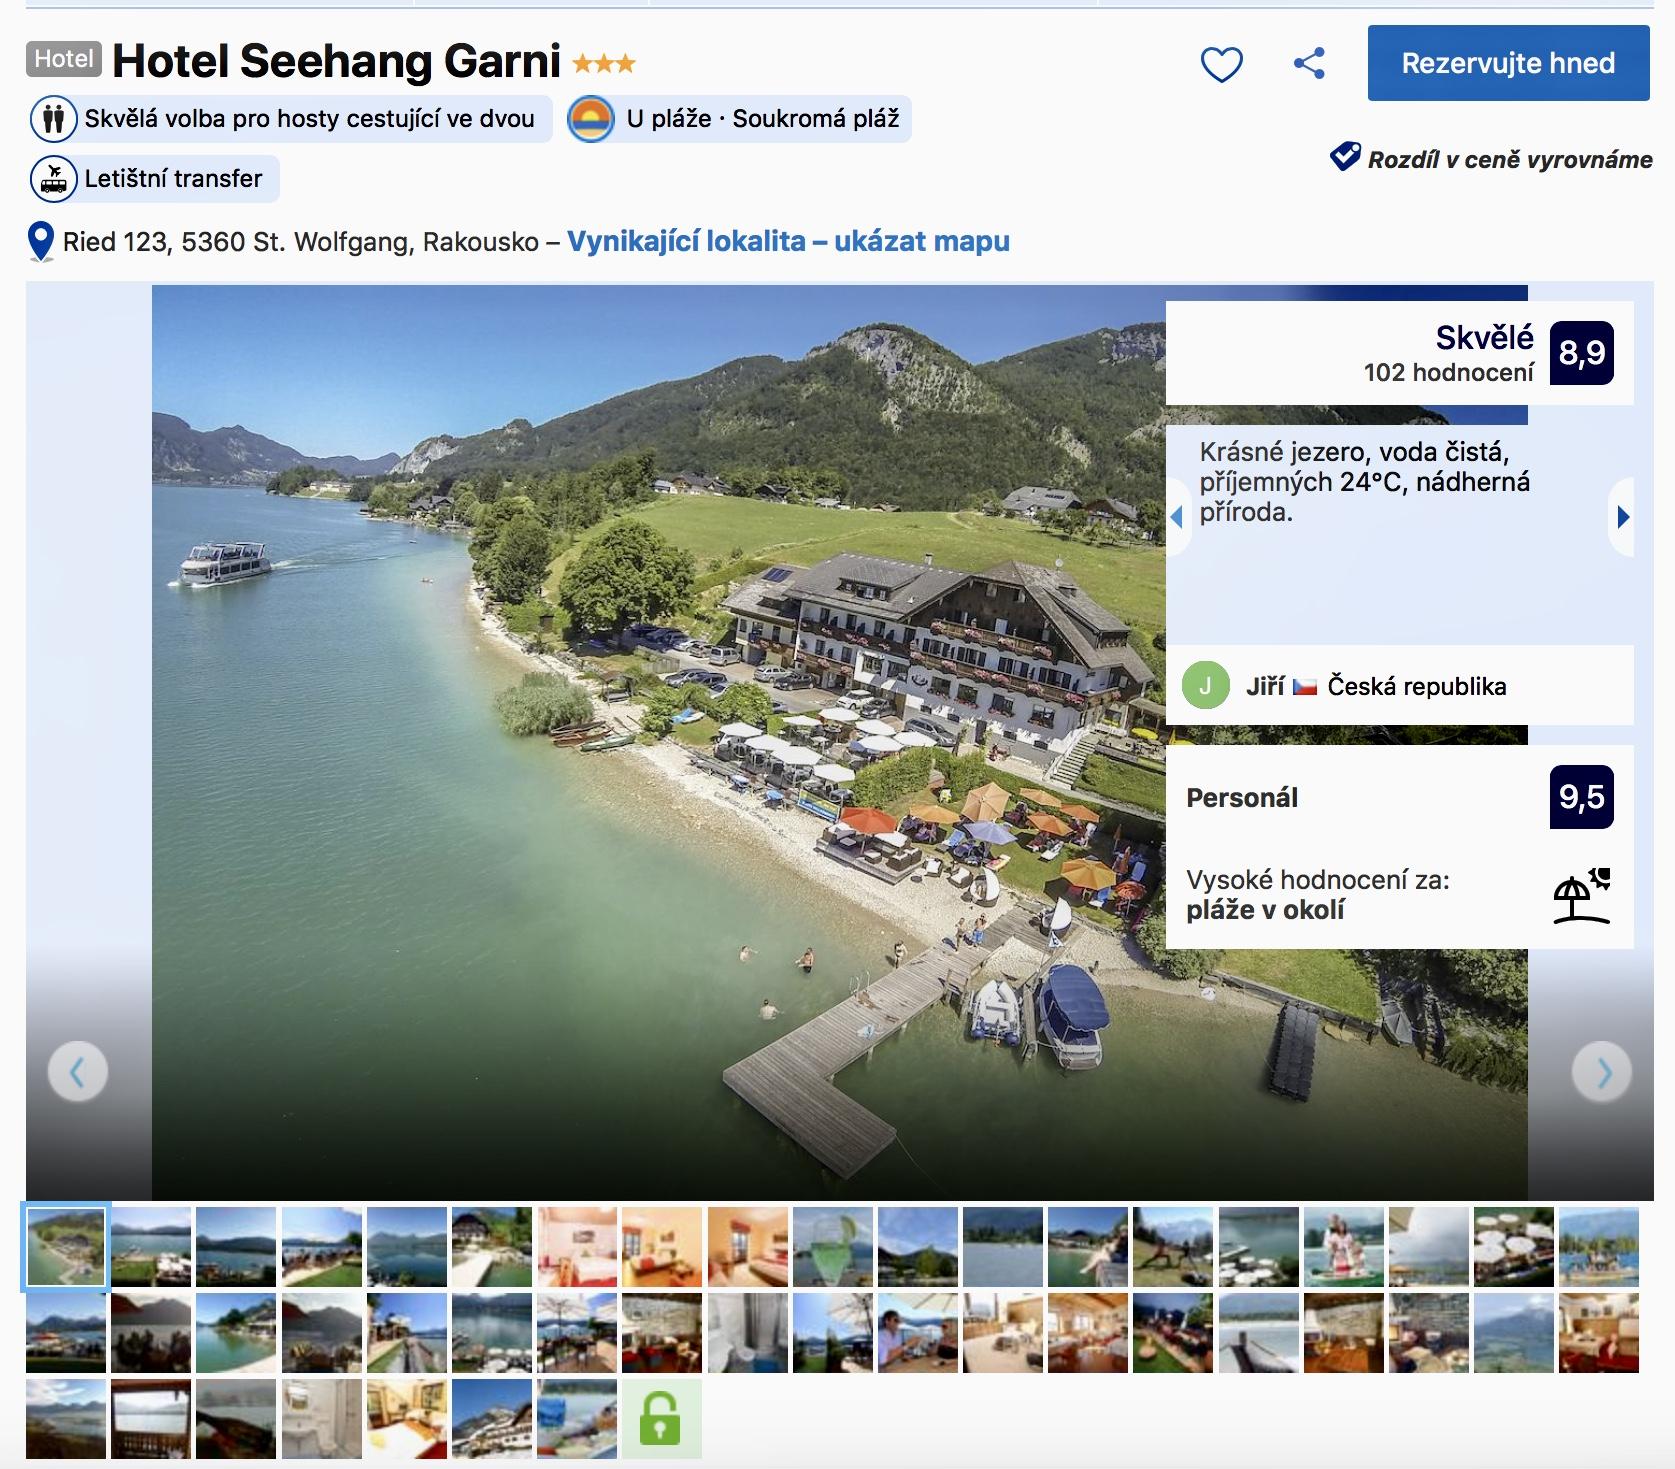 Hotel Seehang Garni